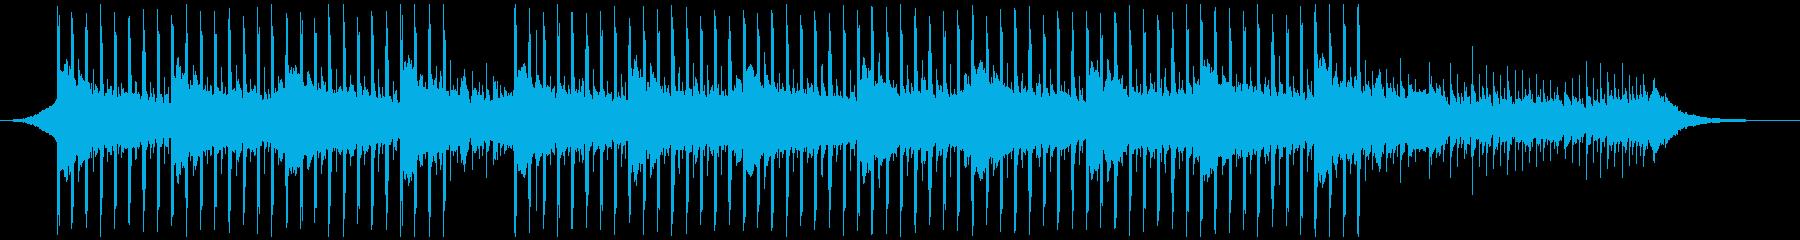 プレゼンテーション音楽(60秒)の再生済みの波形